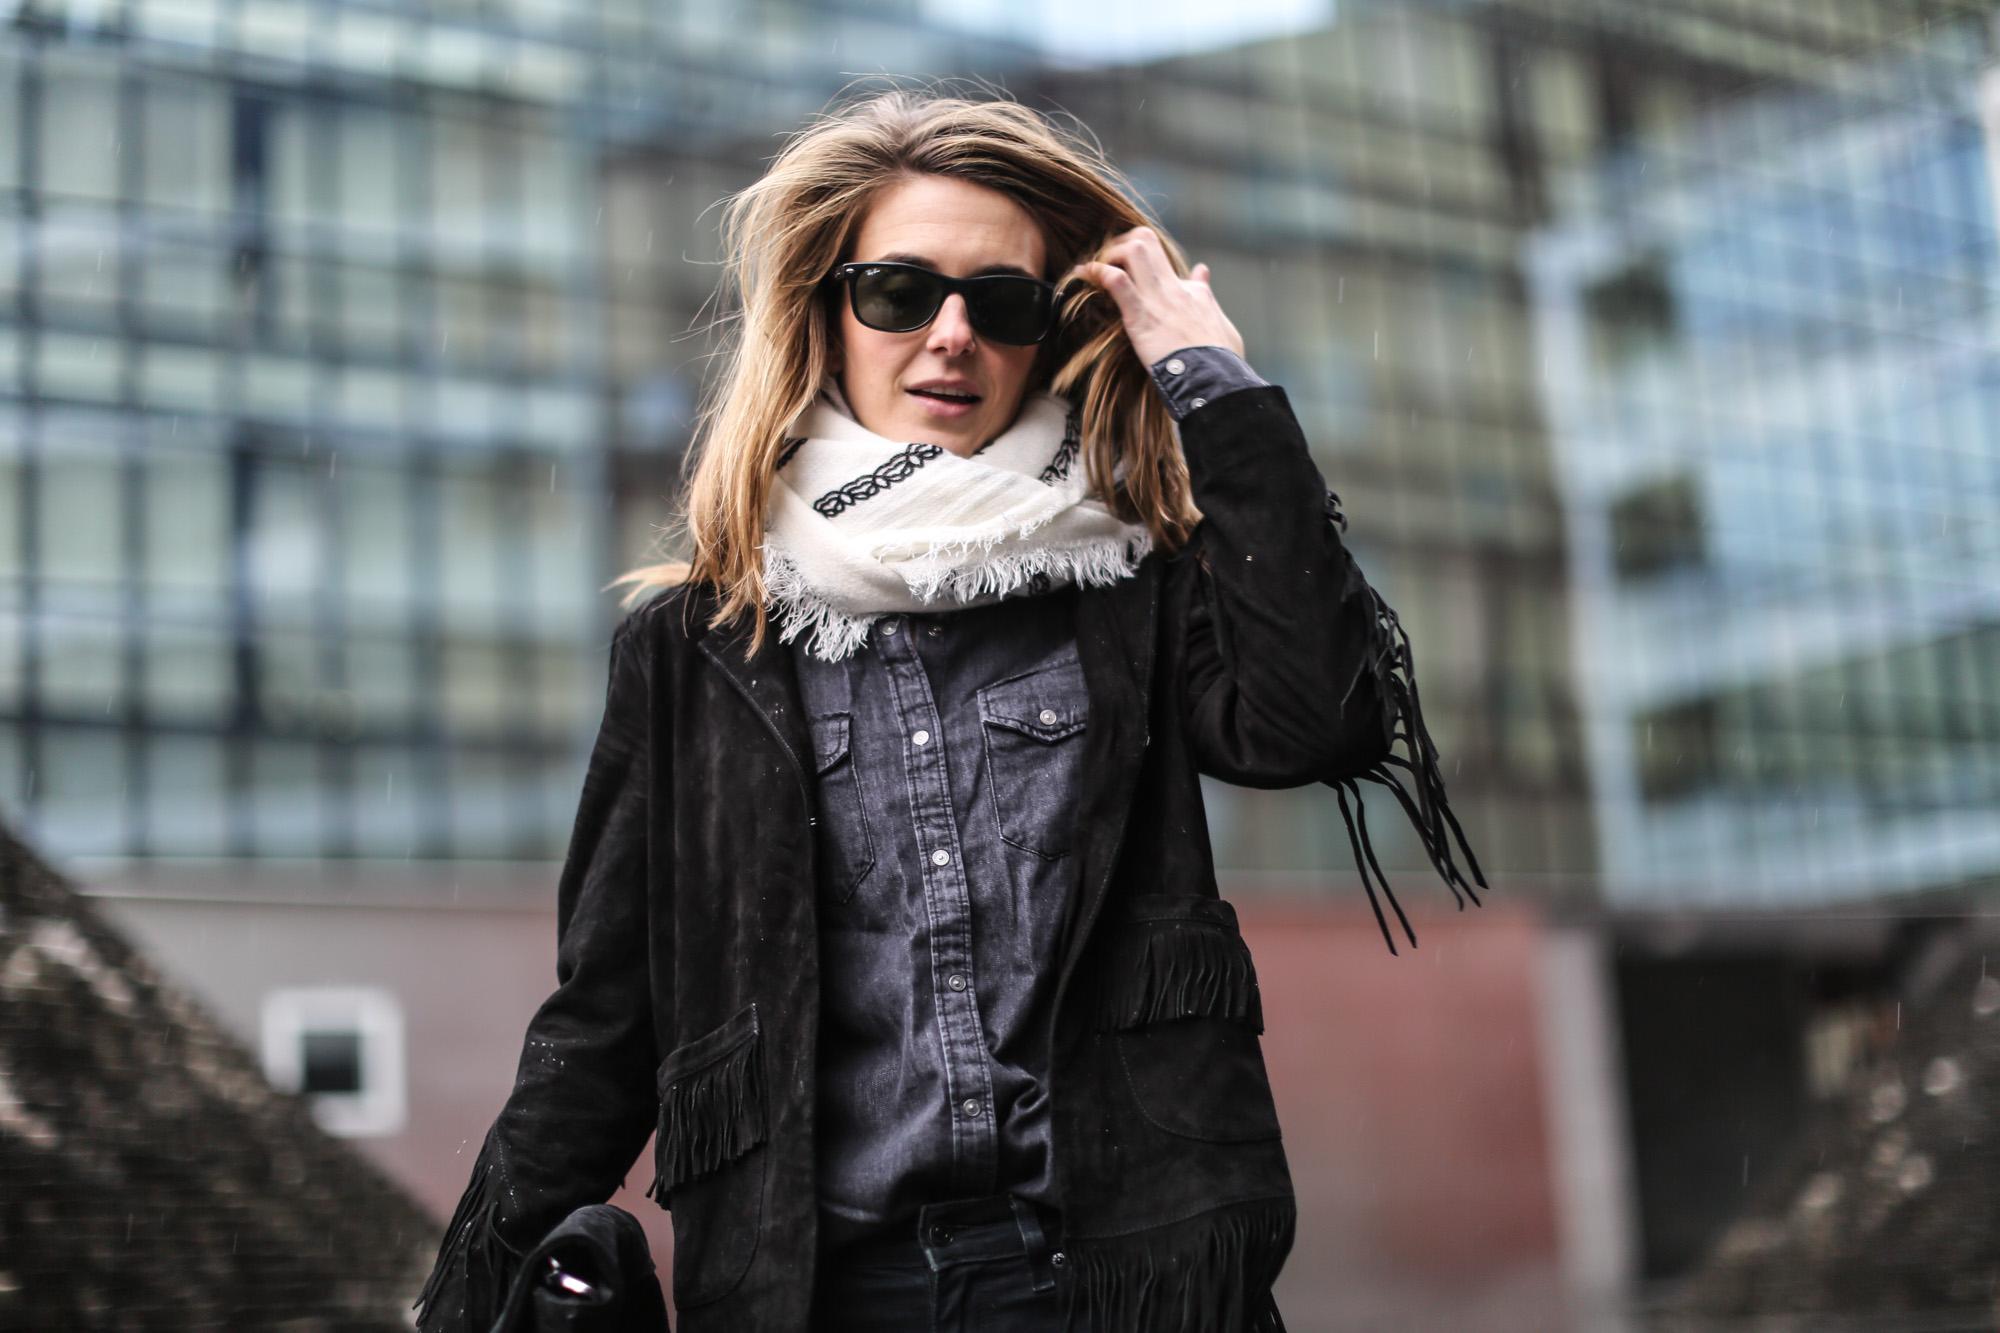 Clochet-streetstyle-maje-suede-fringed-jacket-bandana-scarf-8